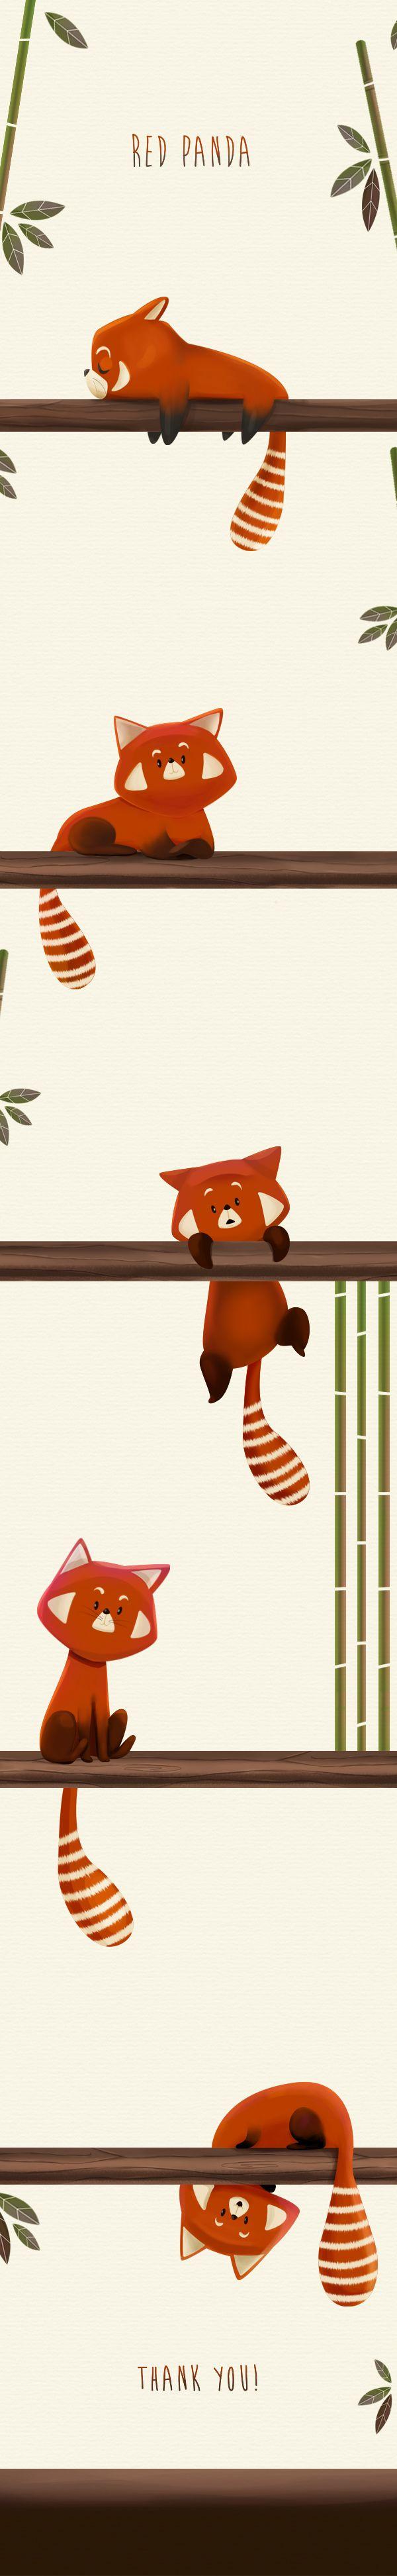 https://www.behance.net/gallery/20013682/Red-Panda                                                                               More